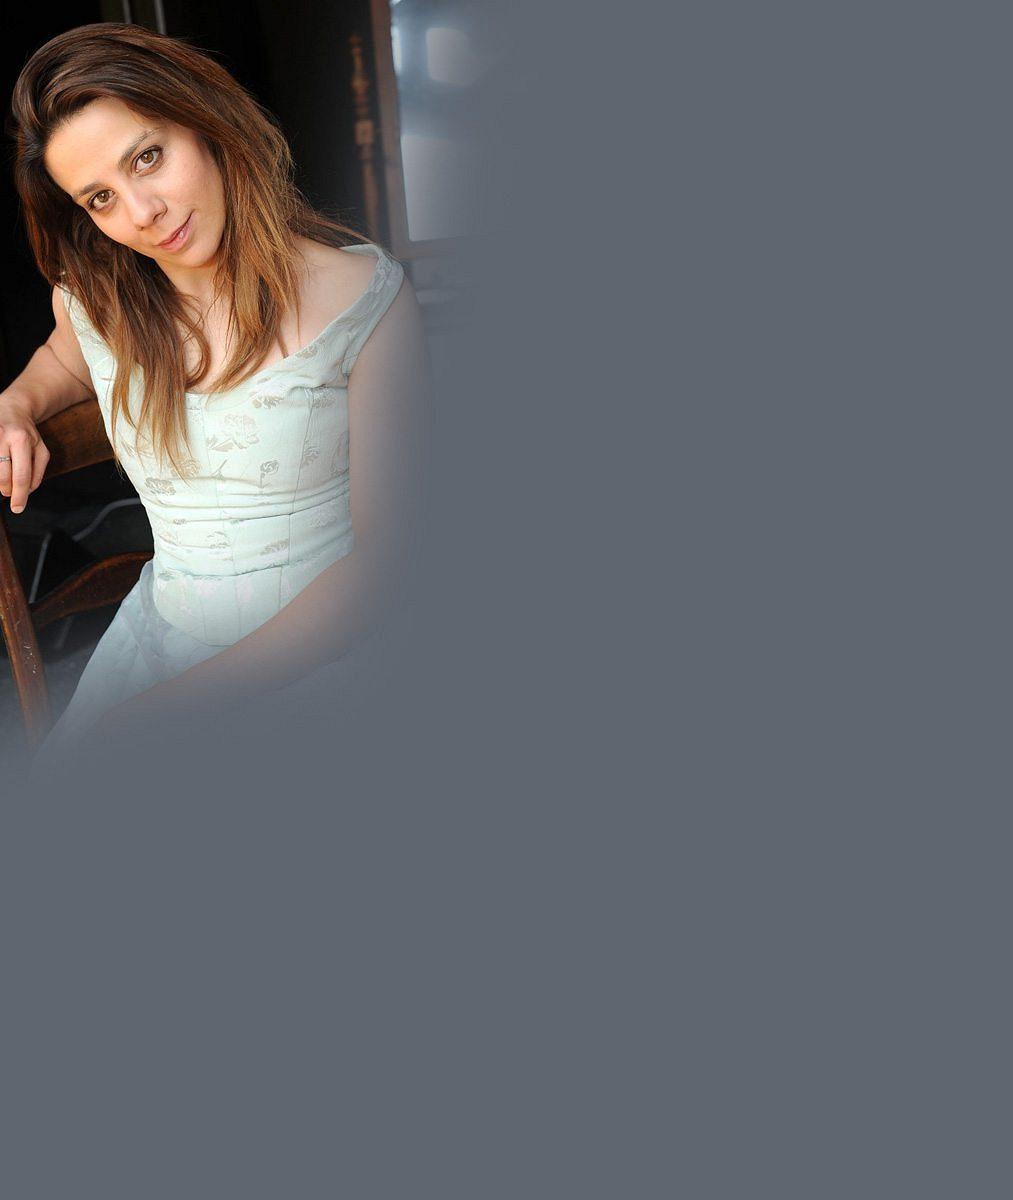 Krátké vlasy, vhadrech anenalíčená: Aneta Langerová poprvé ve filmu. Hraje lesbickou ruskou básnířku